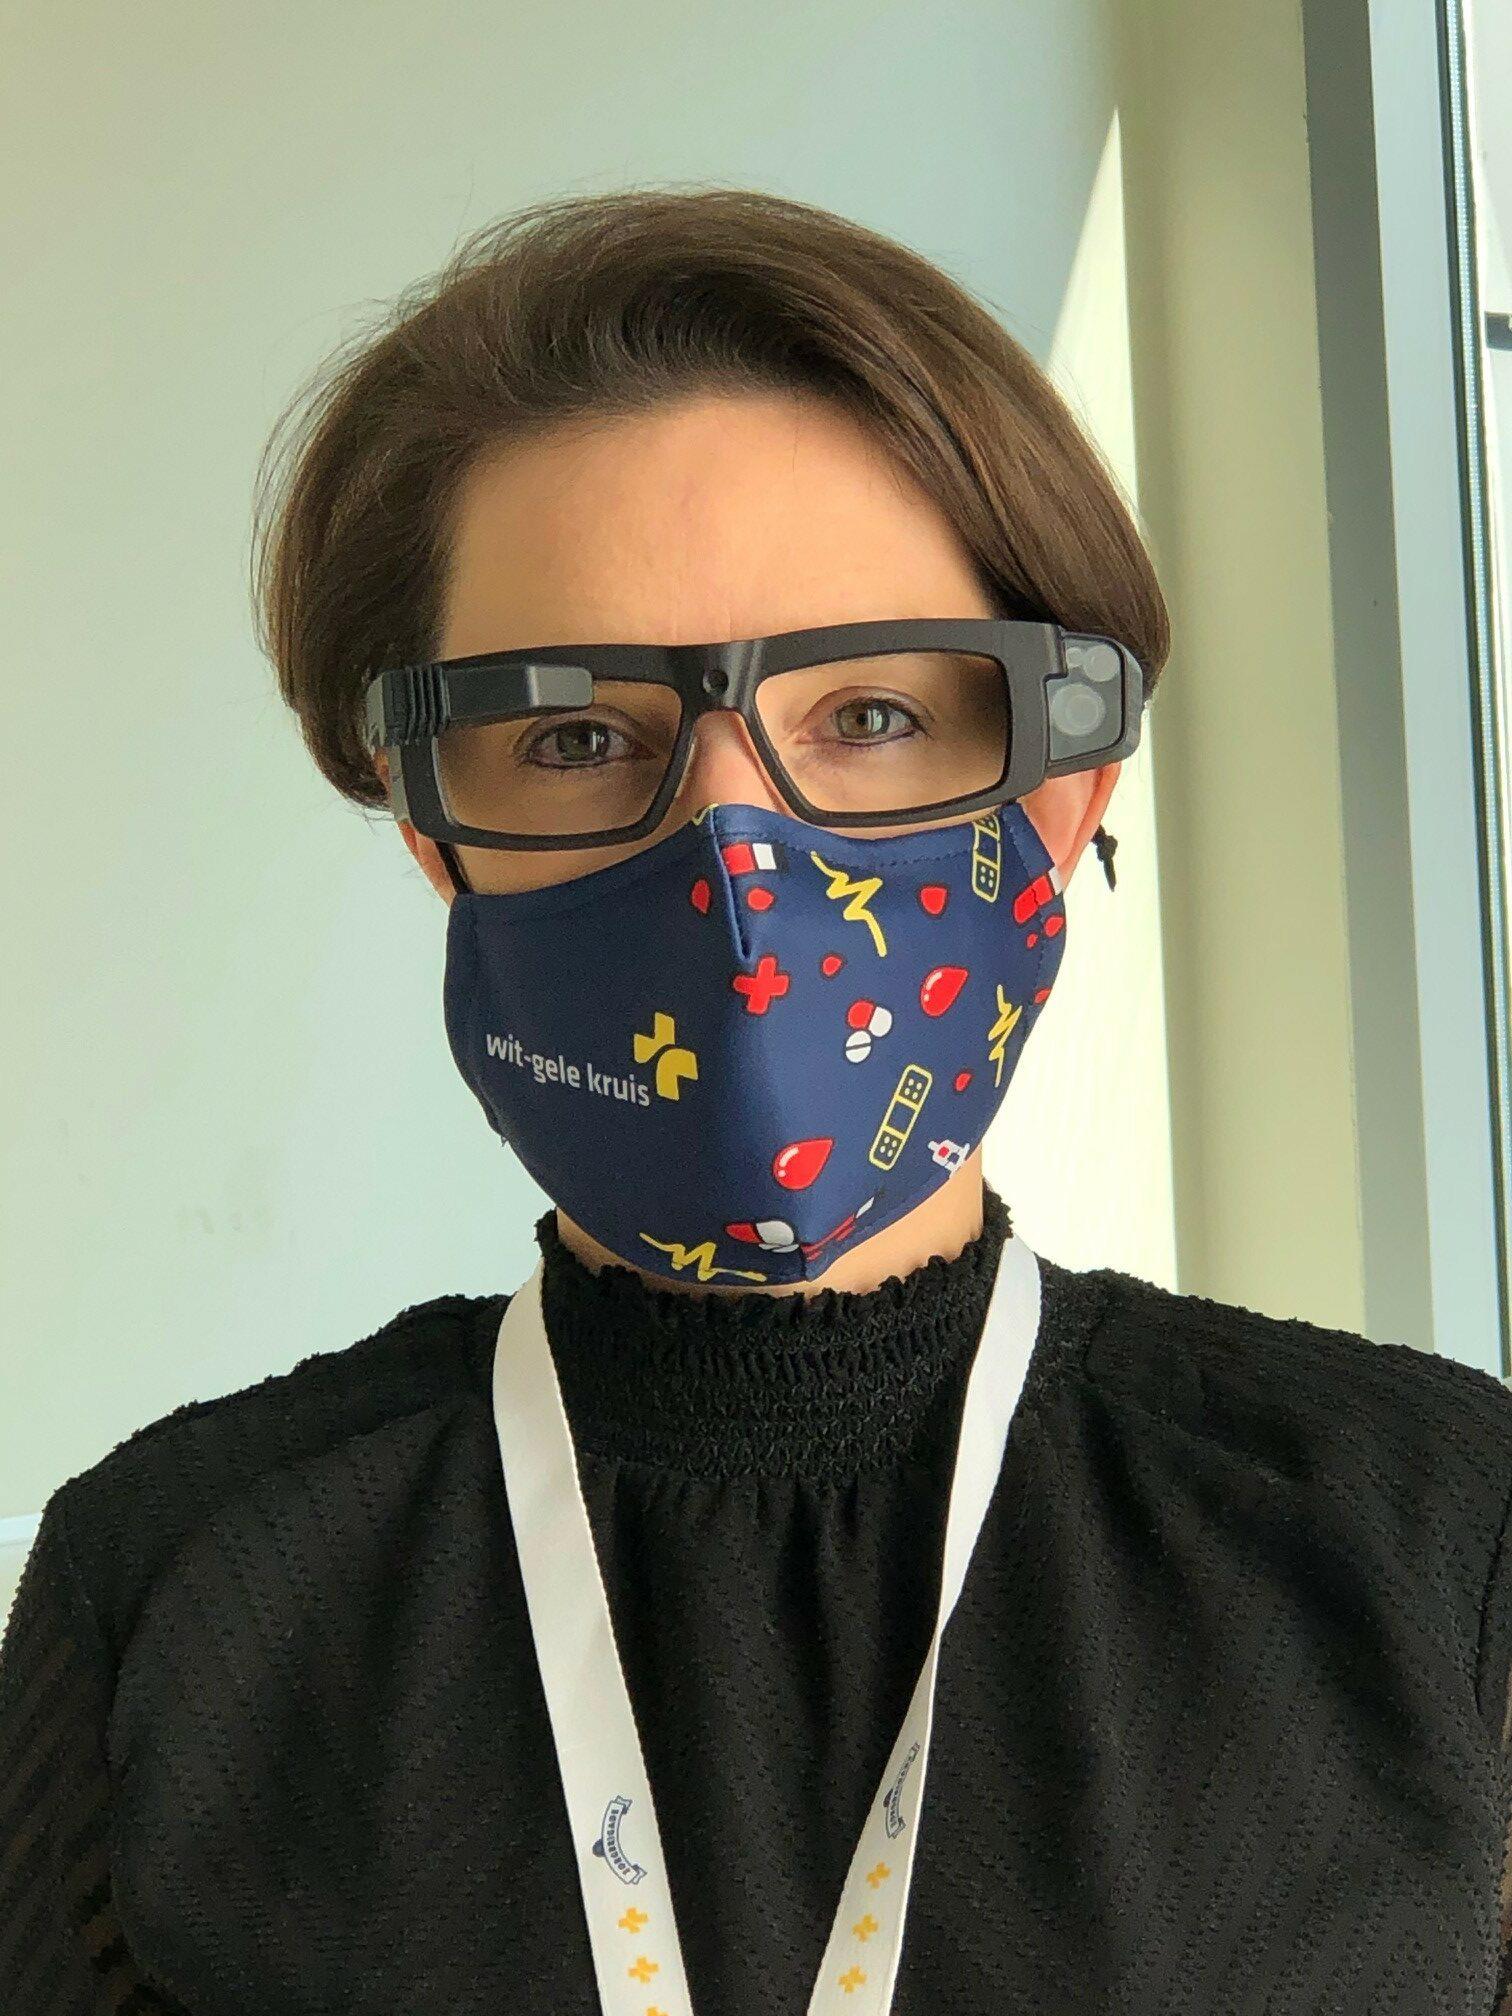 nursing begeleidster Sharon Delabie heeft de Smart Glass opgezet